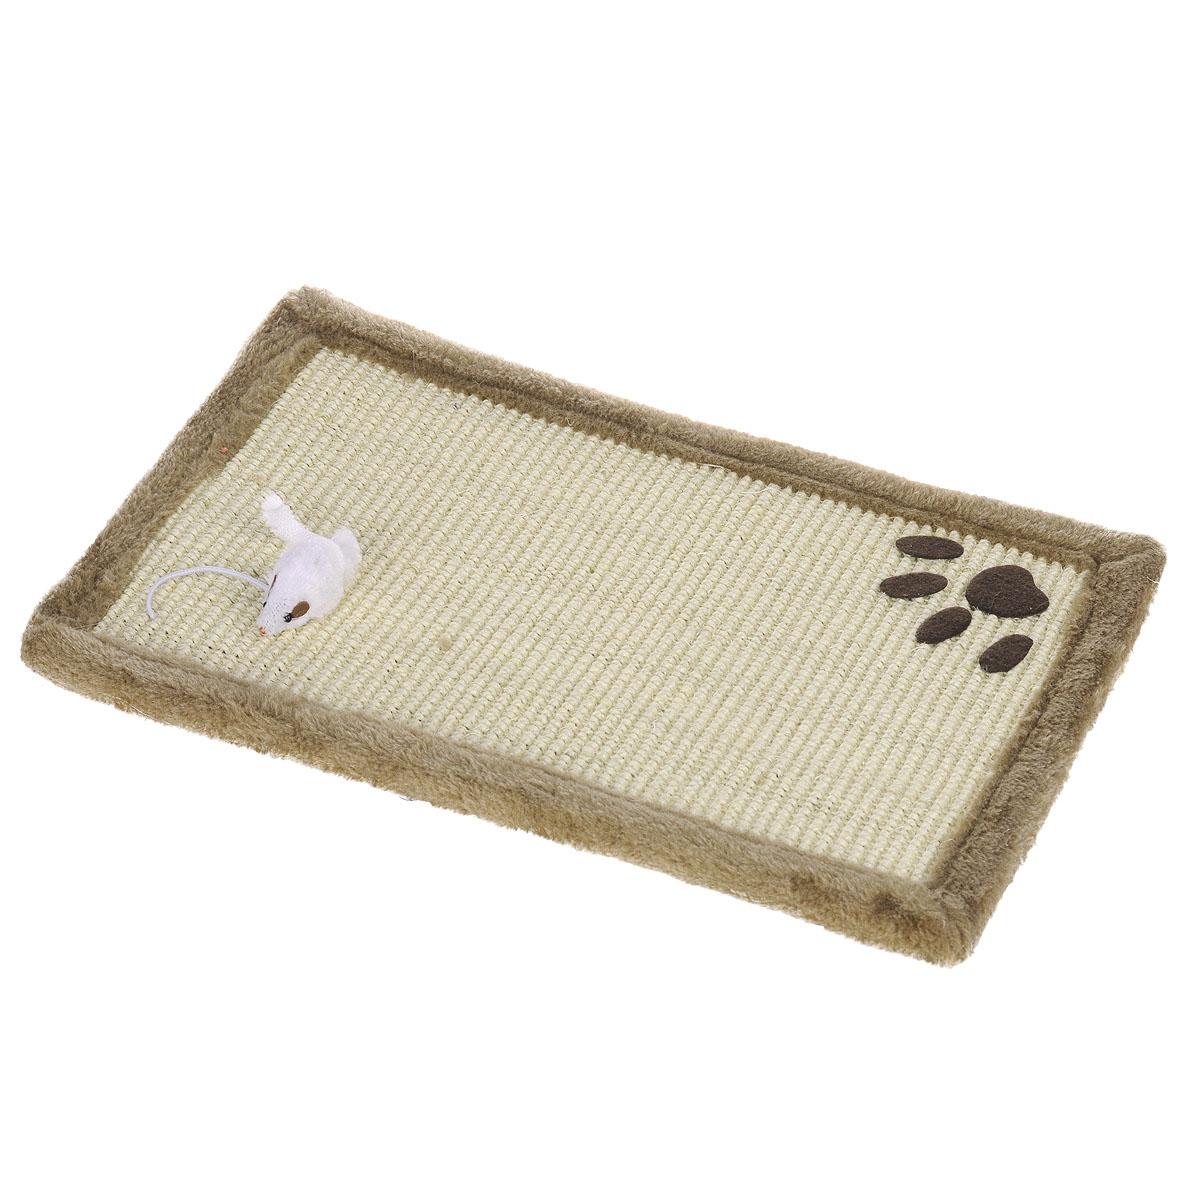 Когтеточка-коврик I.P.T.S., цвет: светло-коричневый, 48 см х 30 см405155Когтеточка для кошек I.P.T.S. выполнена из сизаля в виде коврика, по краям обитого плюшем. Коврик декорирован следом от лапки и белой мышкой. Когтеточка - один из самых необходимых аксессуаров для кошки. Для приучения к ней можно натереть ее сухой валерьянкой или кошачьей мятой. Коврик-когтеточка для кошек I.P.T.S. станет комфортным и любимым местом вашего питомца.